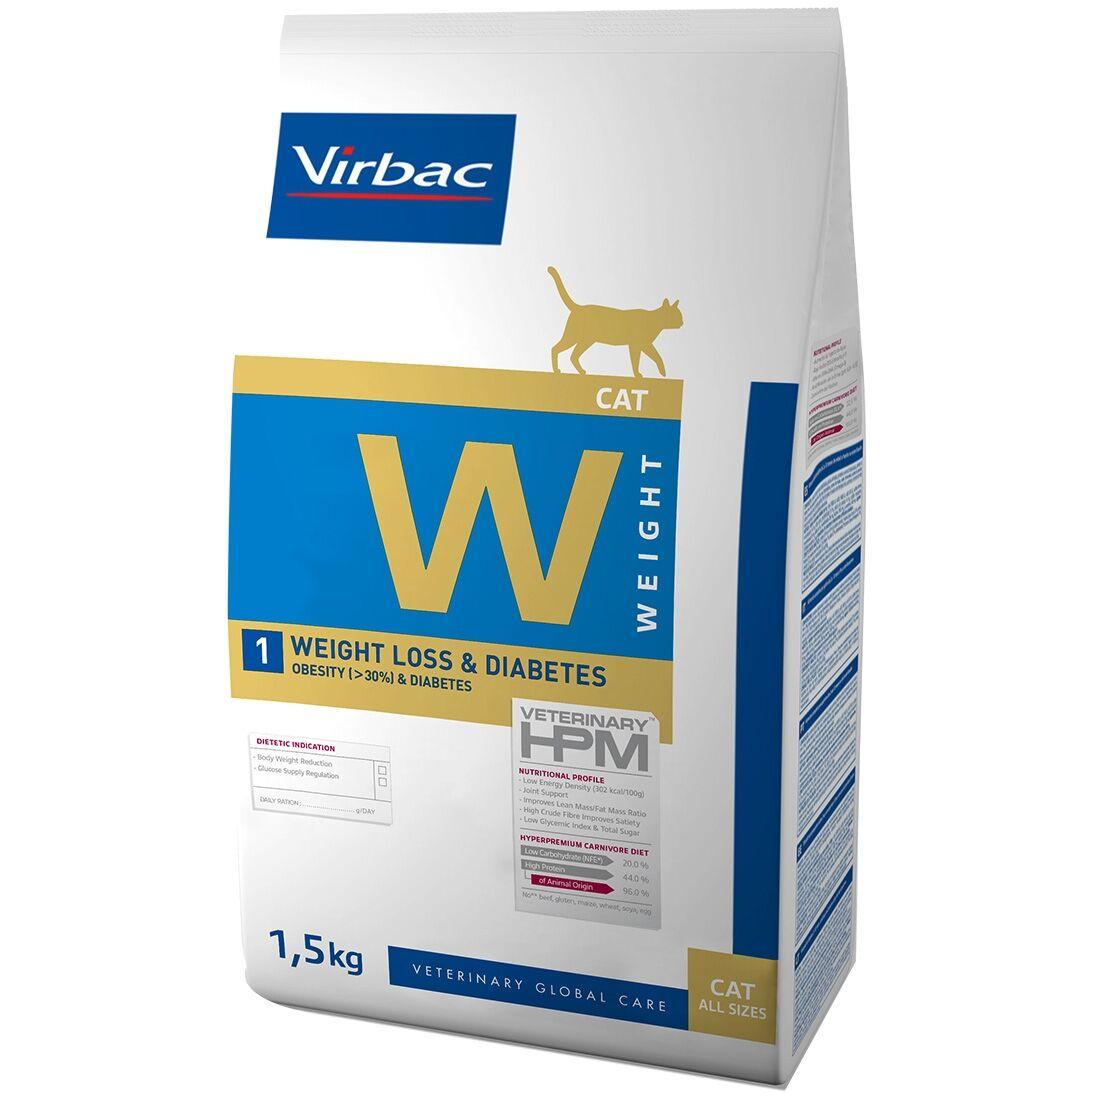 Virbac Veterinary HPM Weight Loss & Diabetes Cat Contenance : 3 kg